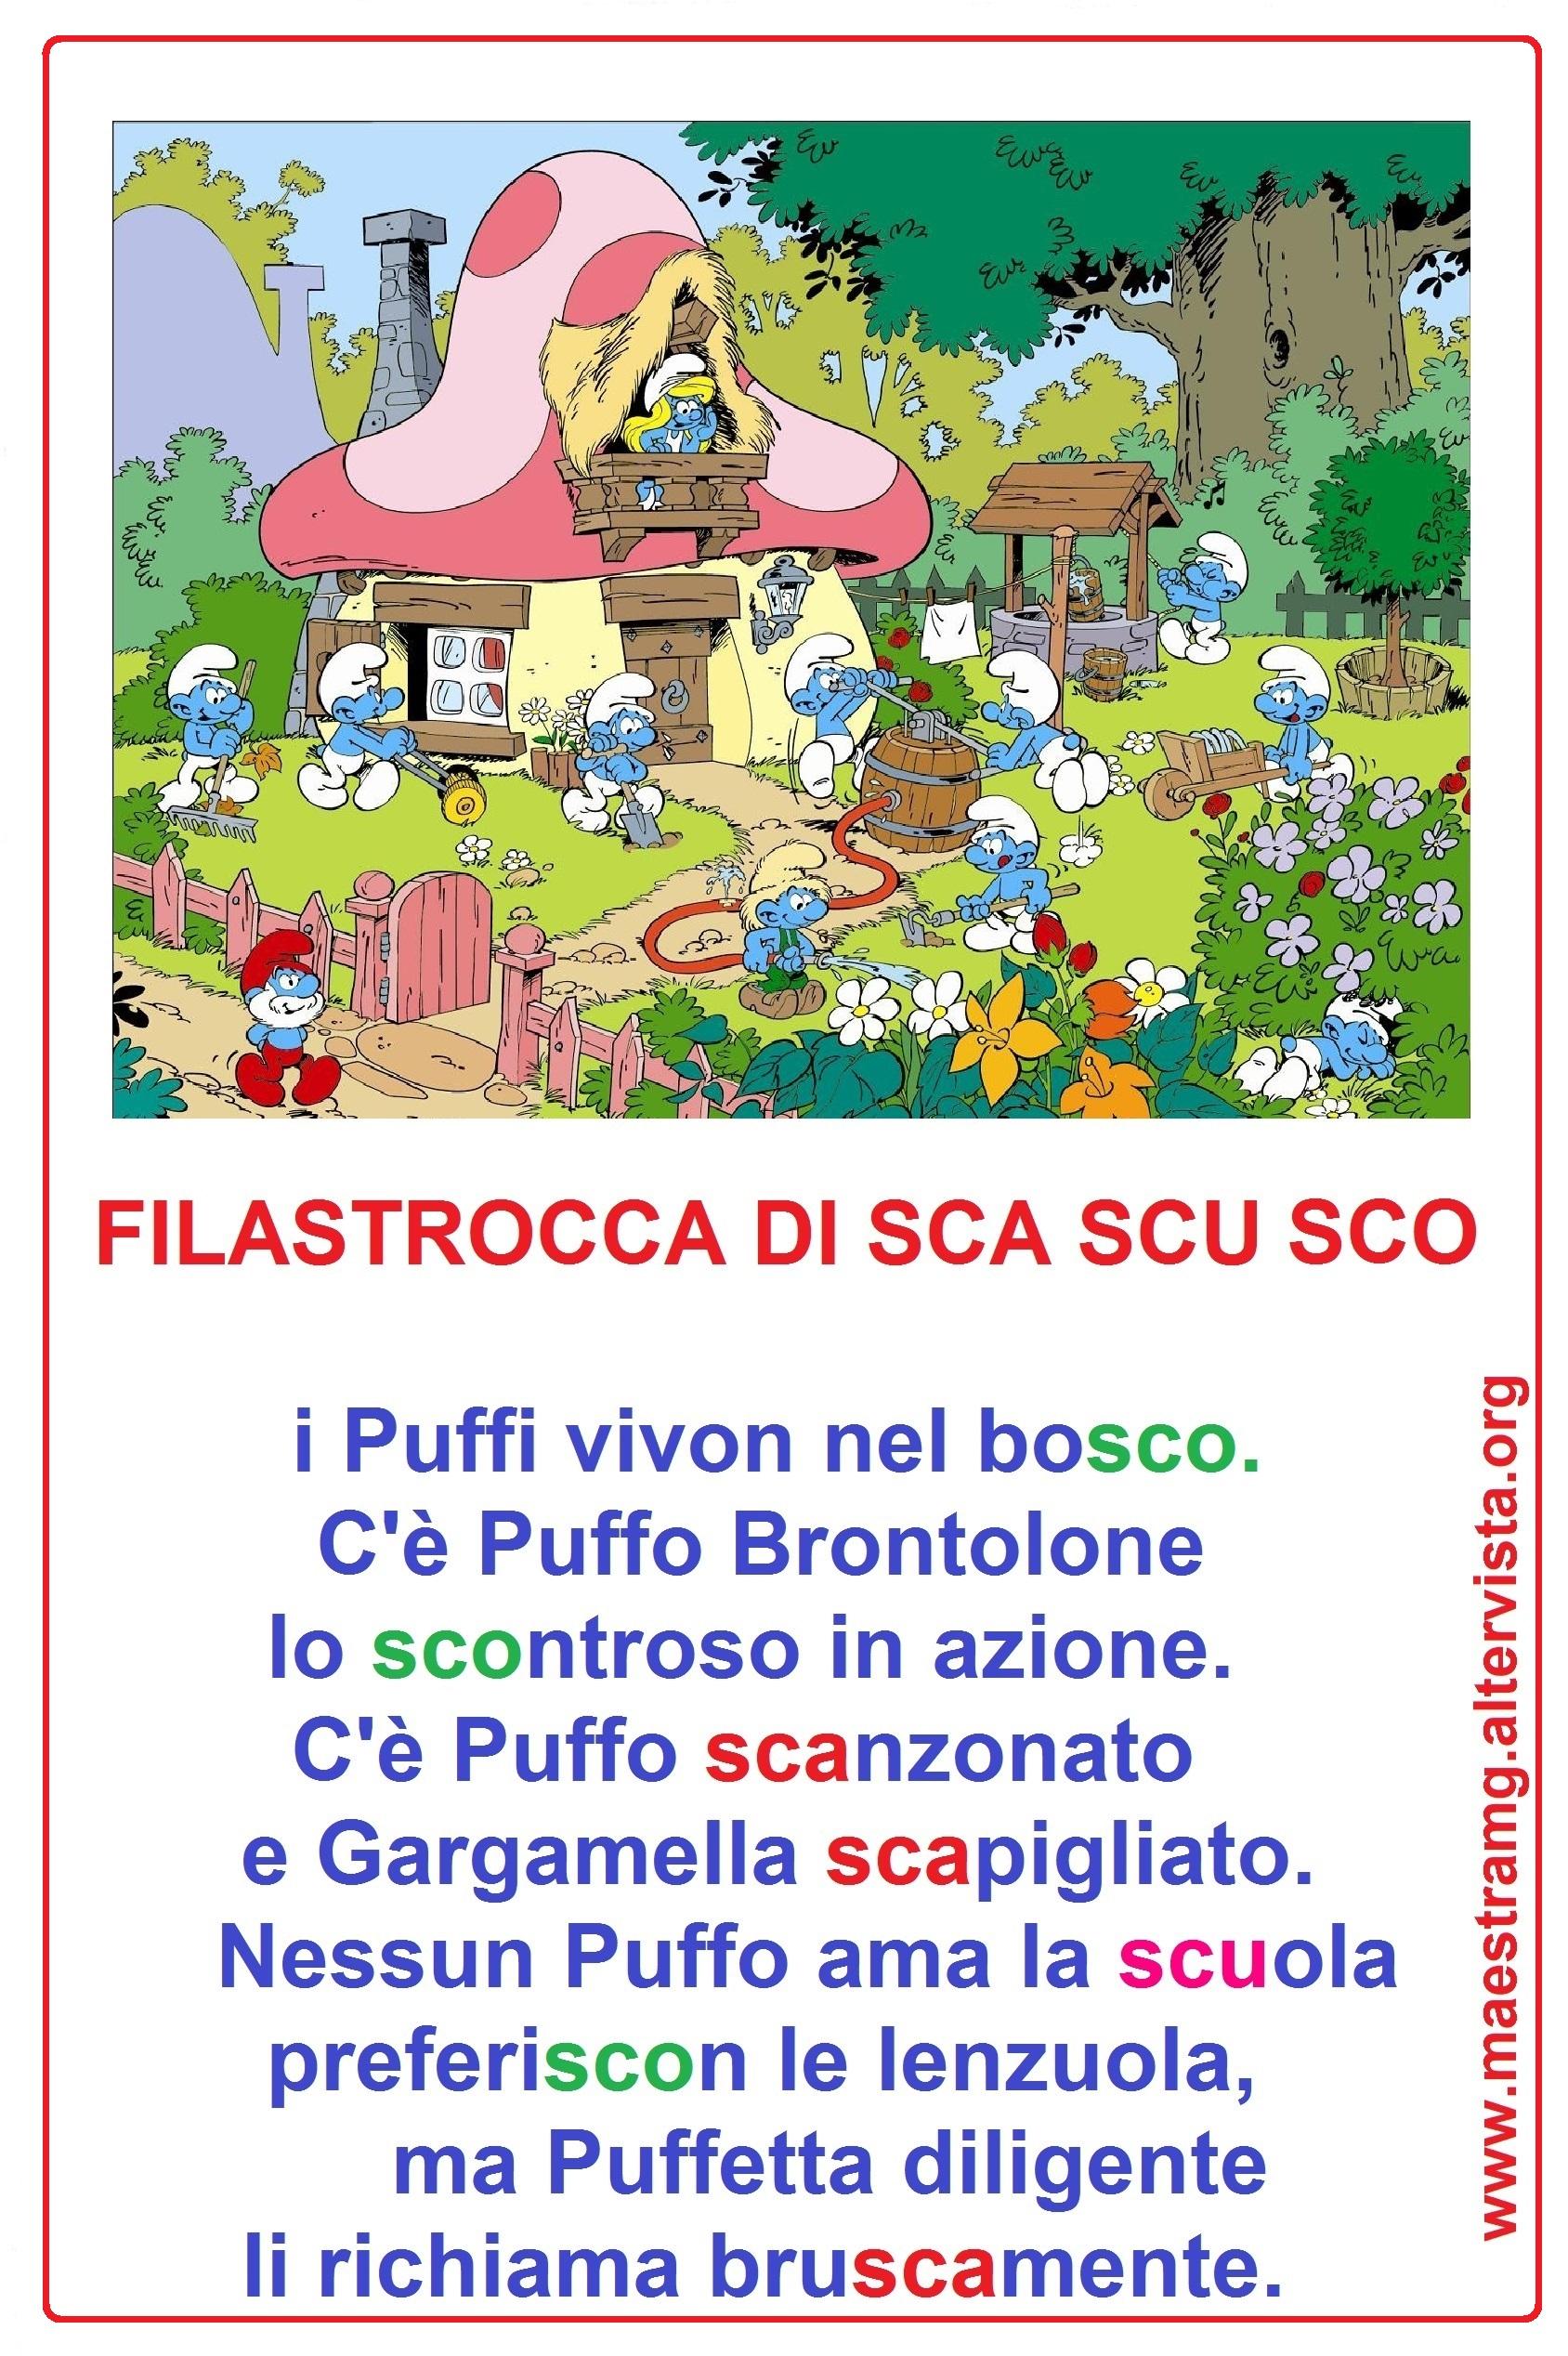 filastrocca SCA SCO SCU -colori